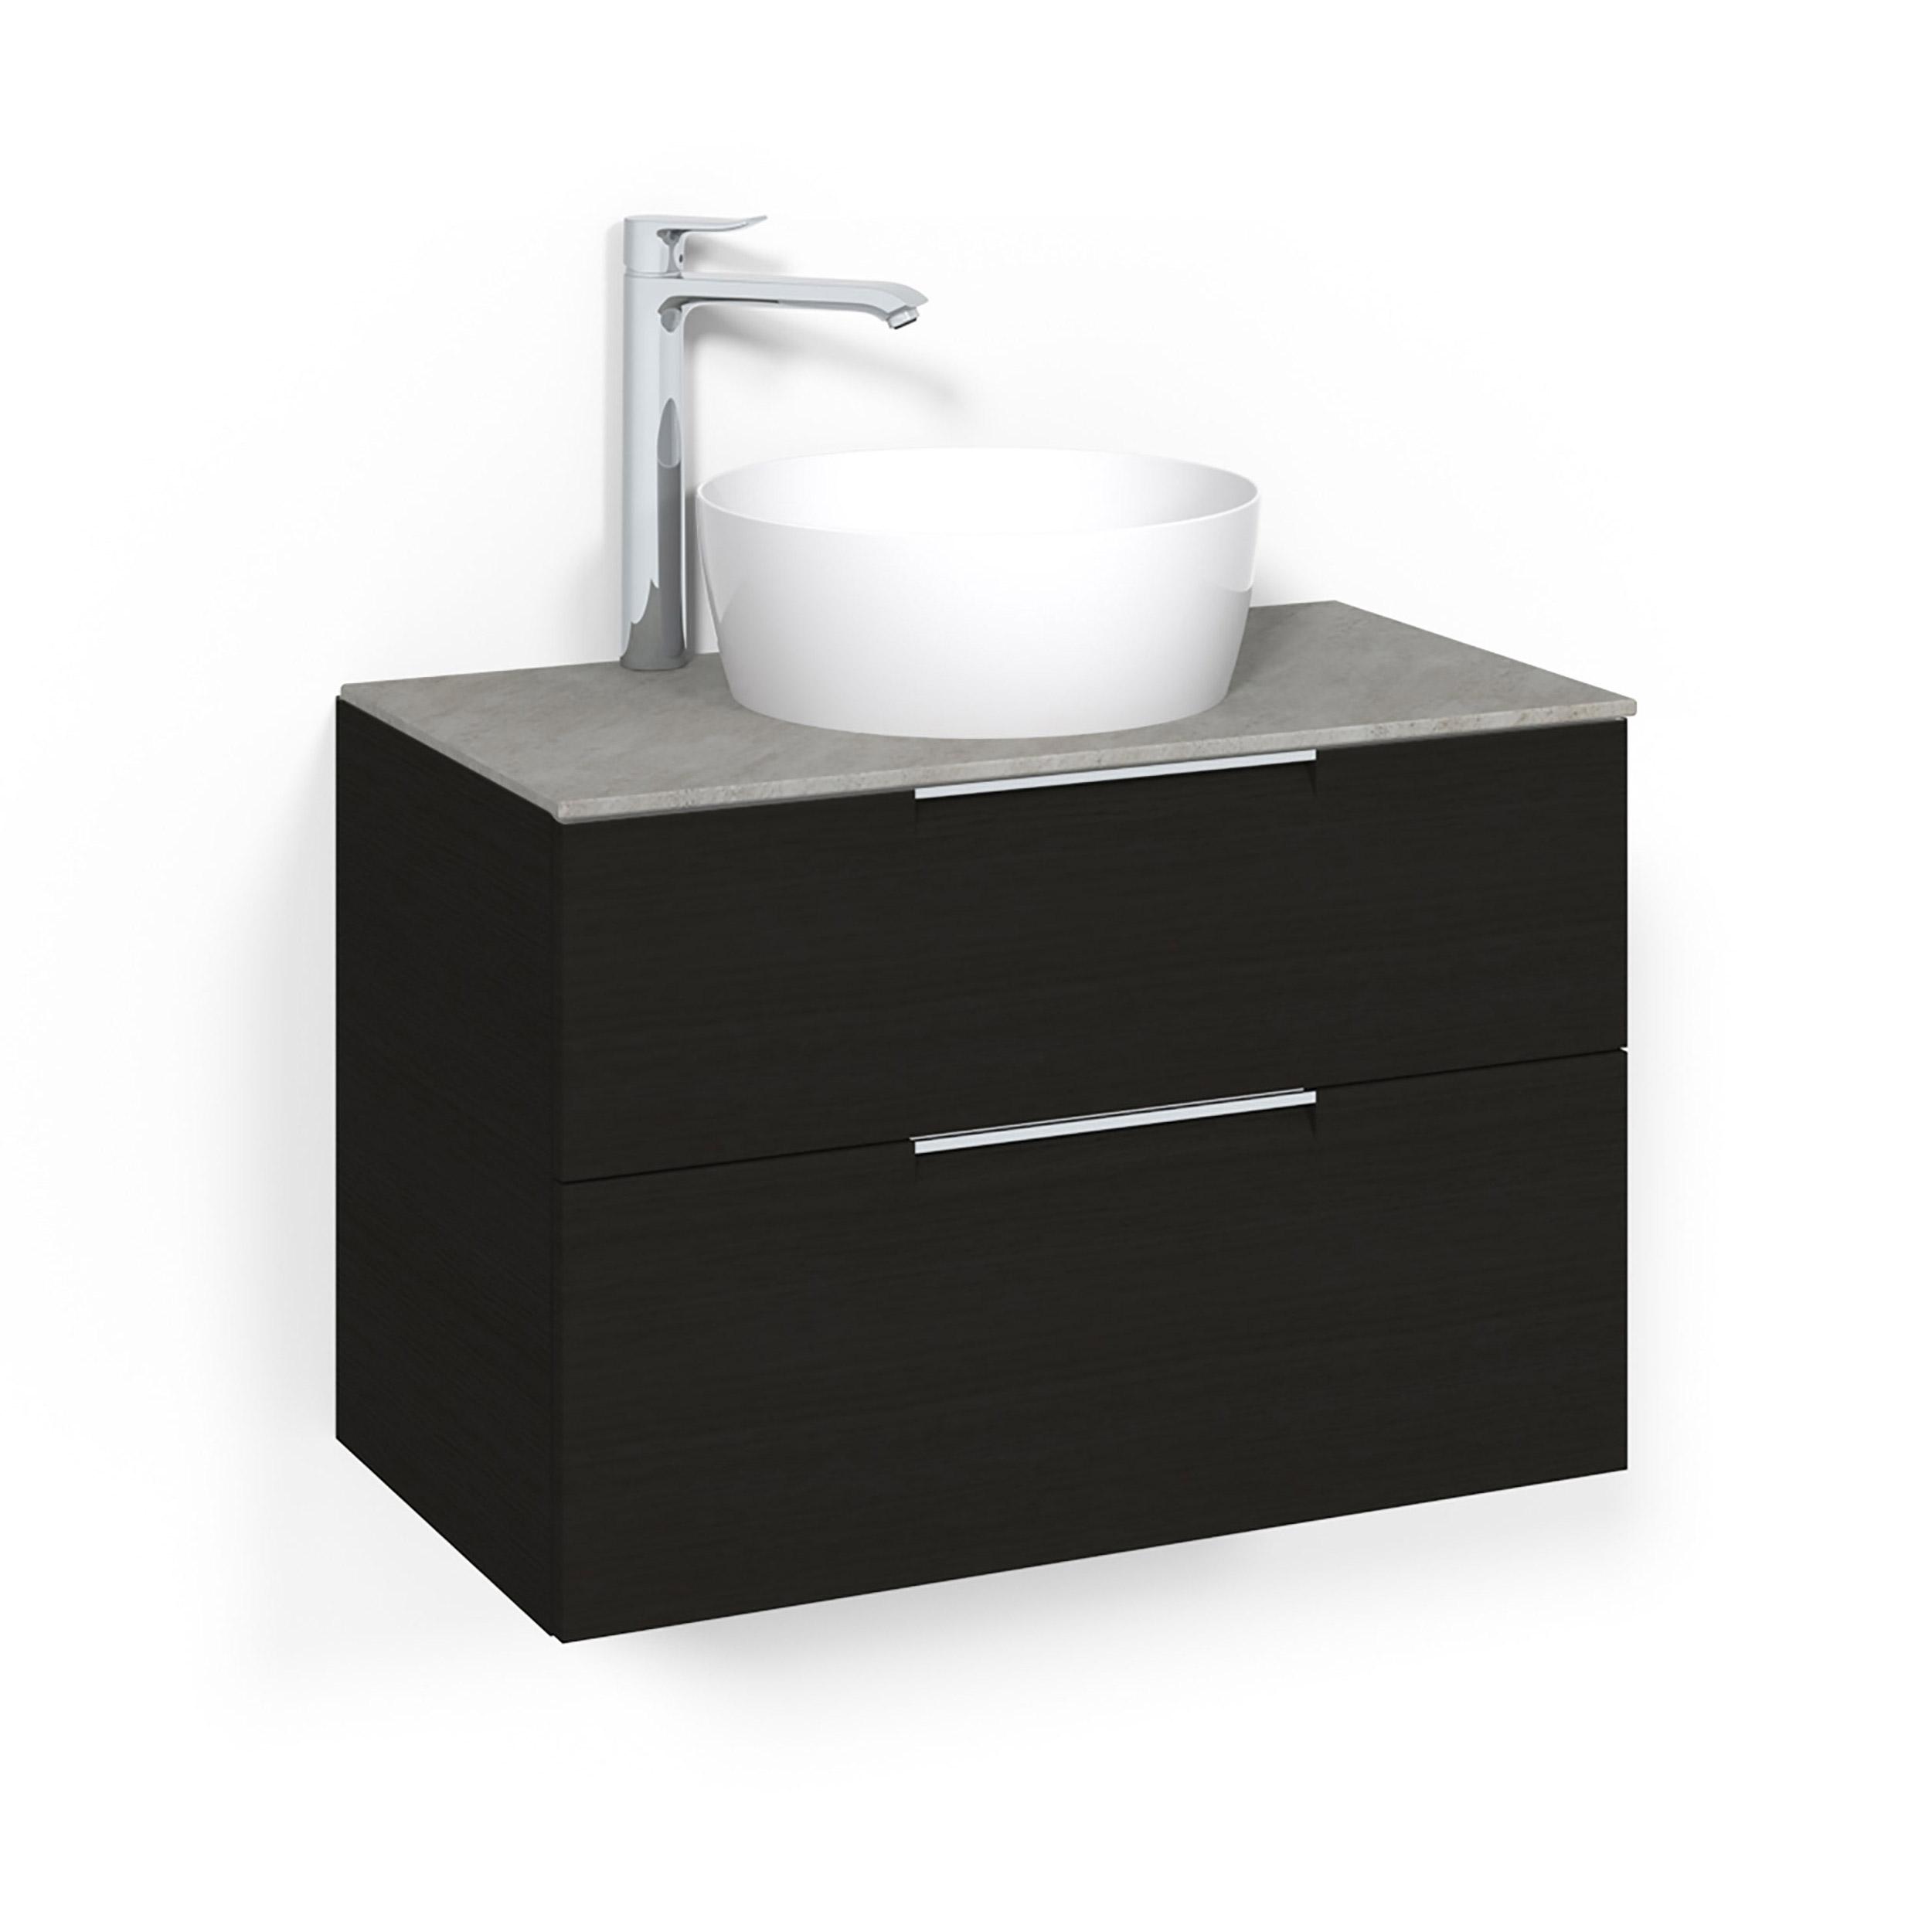 Tvättställsskåp Macro Design Crown Grip Ovanpåliggande Tvättställ